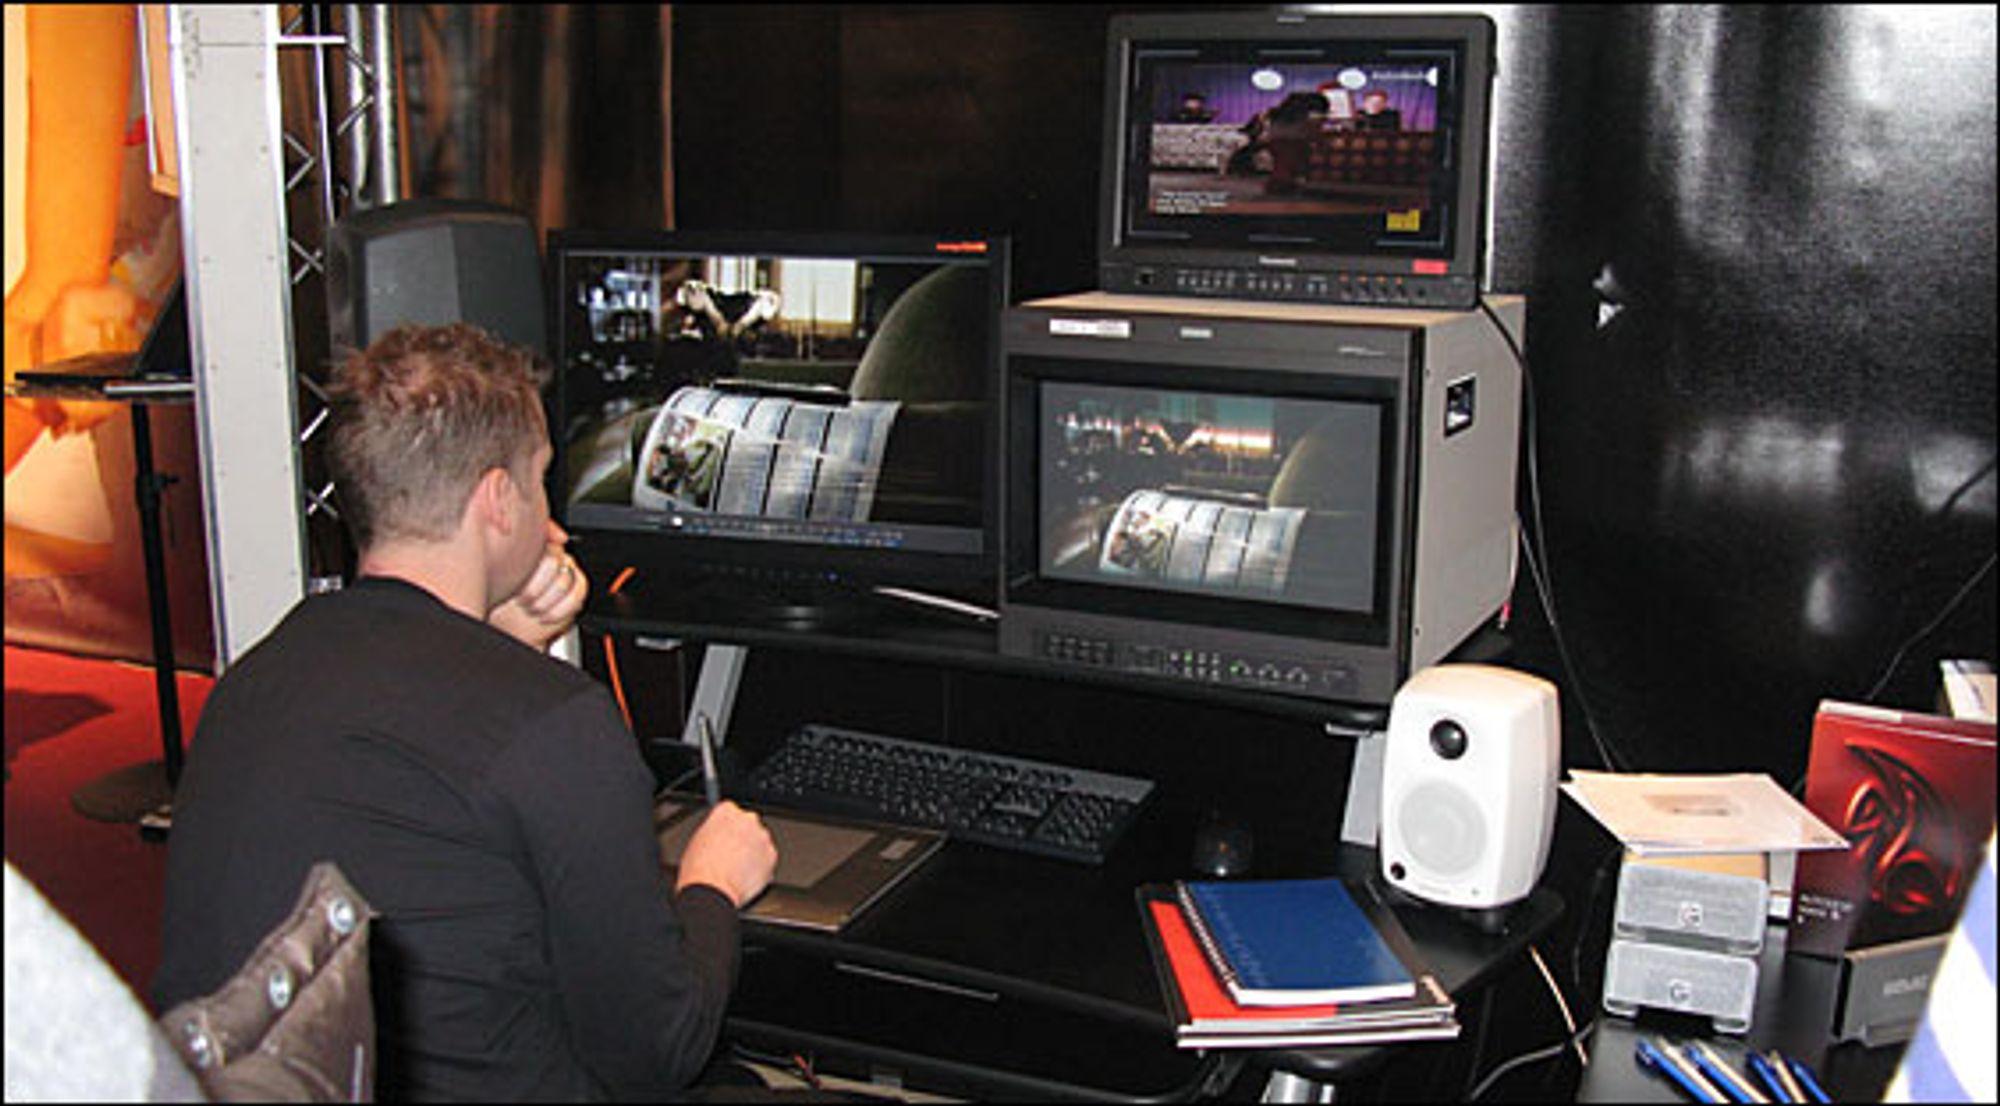 Denne karen hadde som jobb å vise fram sine kunster i et etterarbeidingsprogram, angivelig noe fra Autodesk. Kvaliteten på det han lagde var rett og slett imponerende. Vi har alle hørt om fantastiske historier om teknologien bak Matrix-filmene, her kunne du se det live. Merk at han ikke bruker mus.